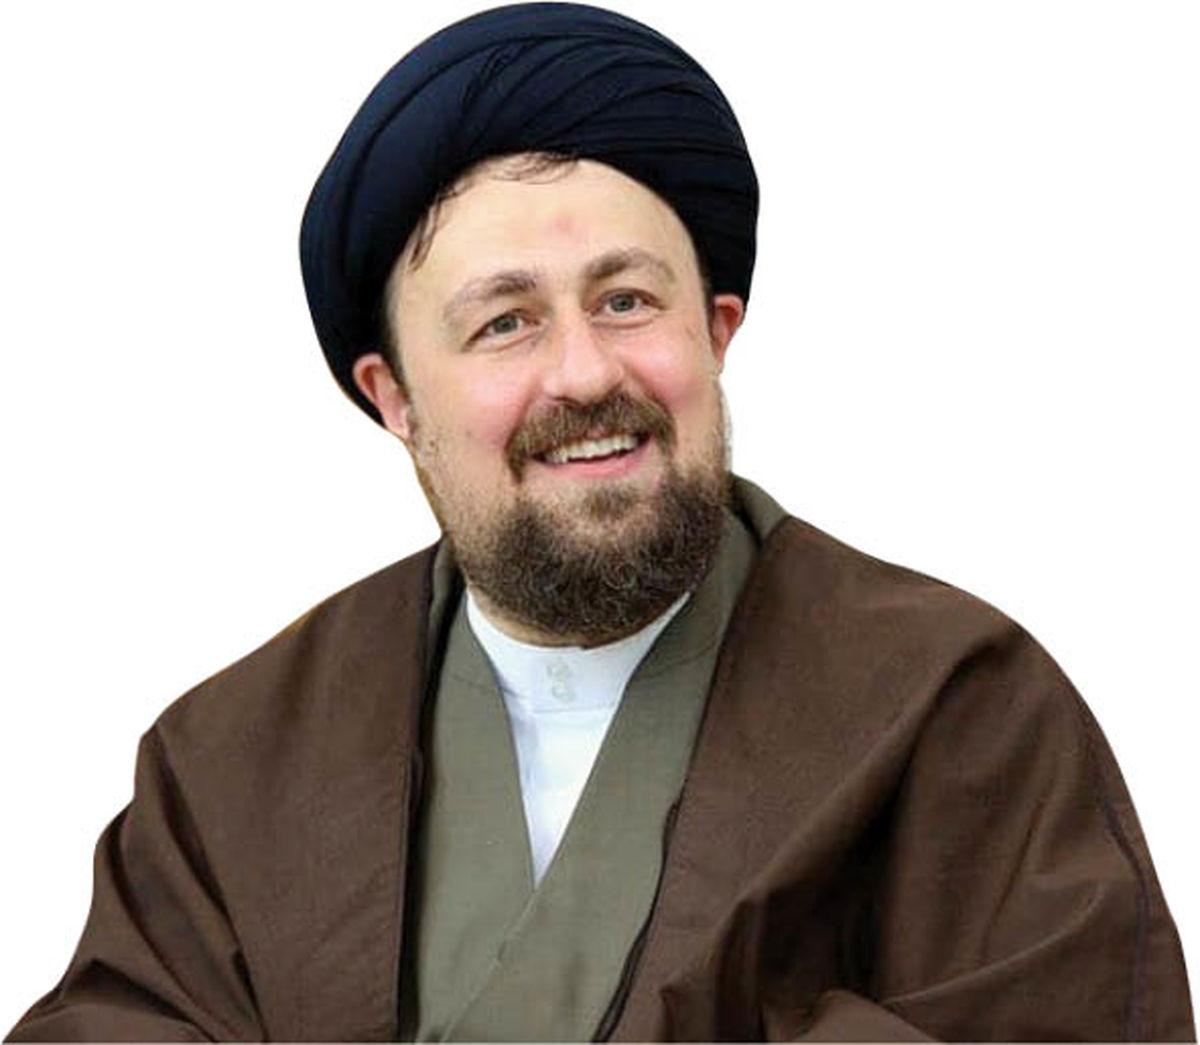 کارت دعوت اصلاحطلبان برای سیدحسن خمینی